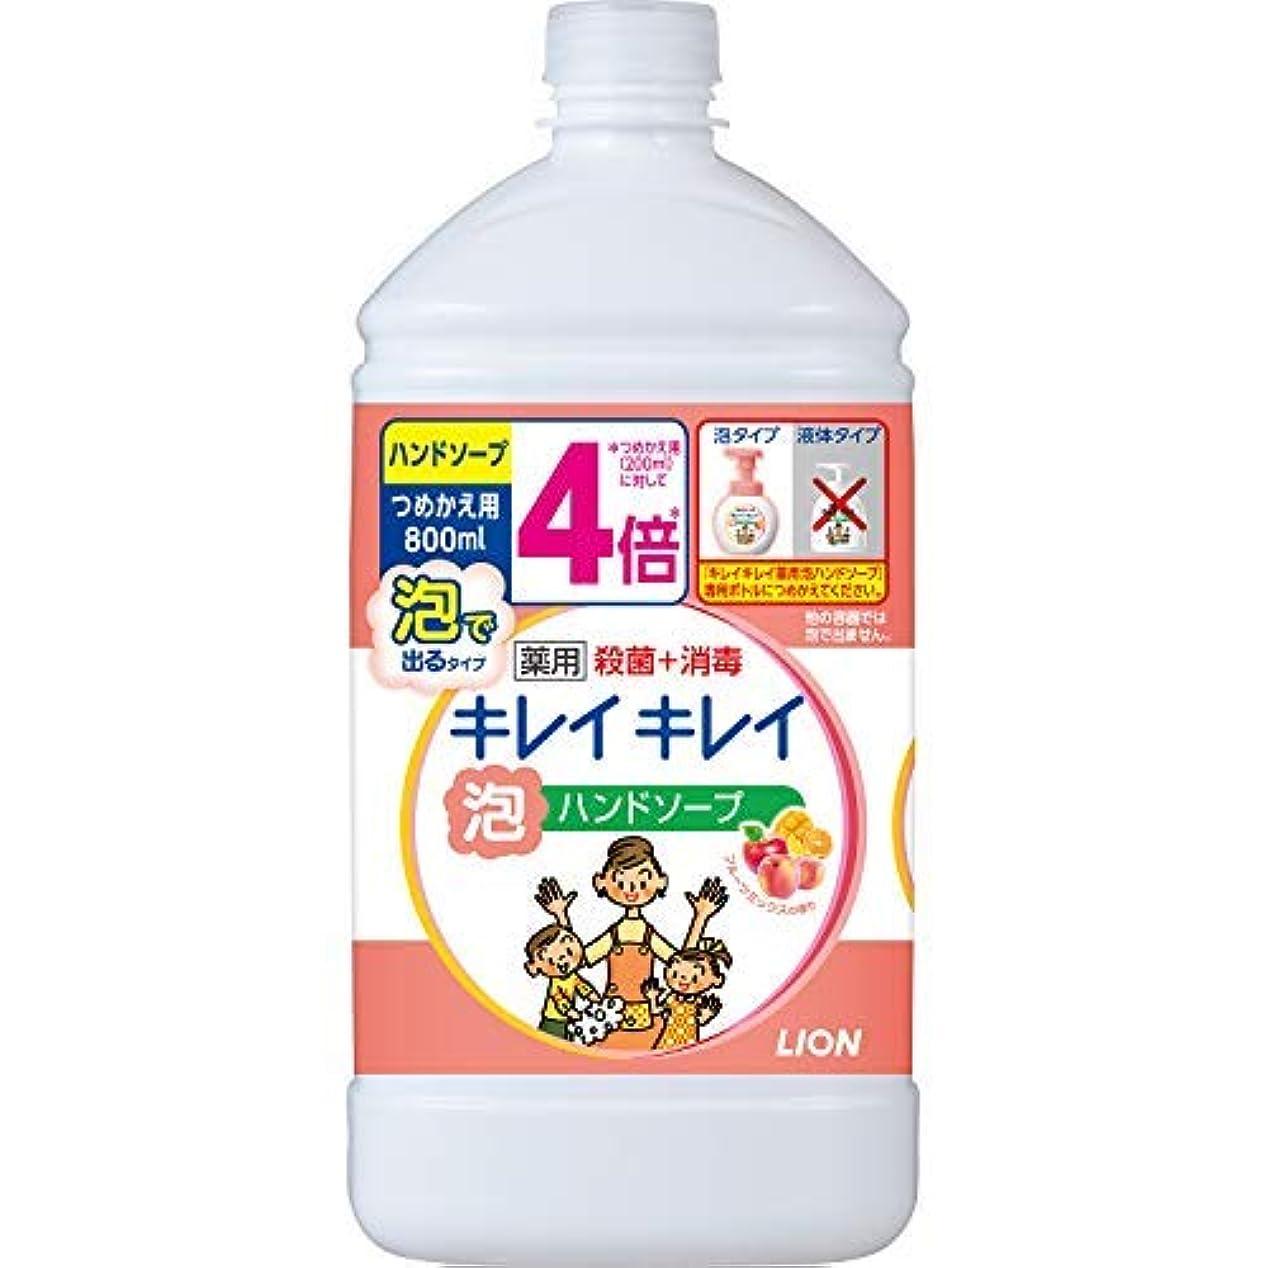 空白不条理バインドキレイキレイ 薬用泡ハンドソープ つめかえ用特大サイズ フルーツミックス × 4個セット